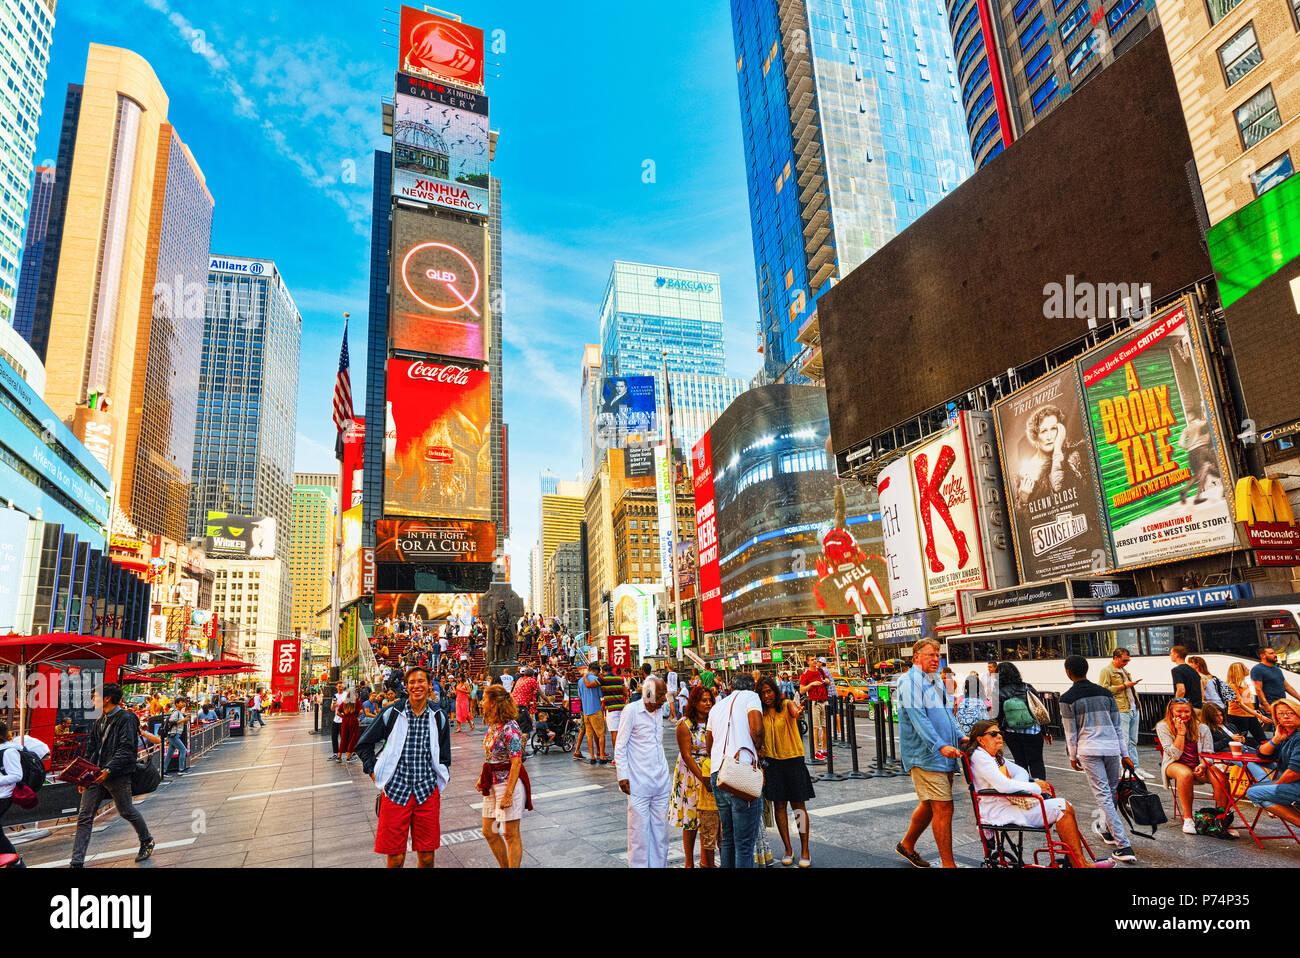 New York, USA - 14. August 2017: Times Square - Zentrale und Hauptplatz von New York. Straße, Autos, Menschen und Touristen. Stockbild